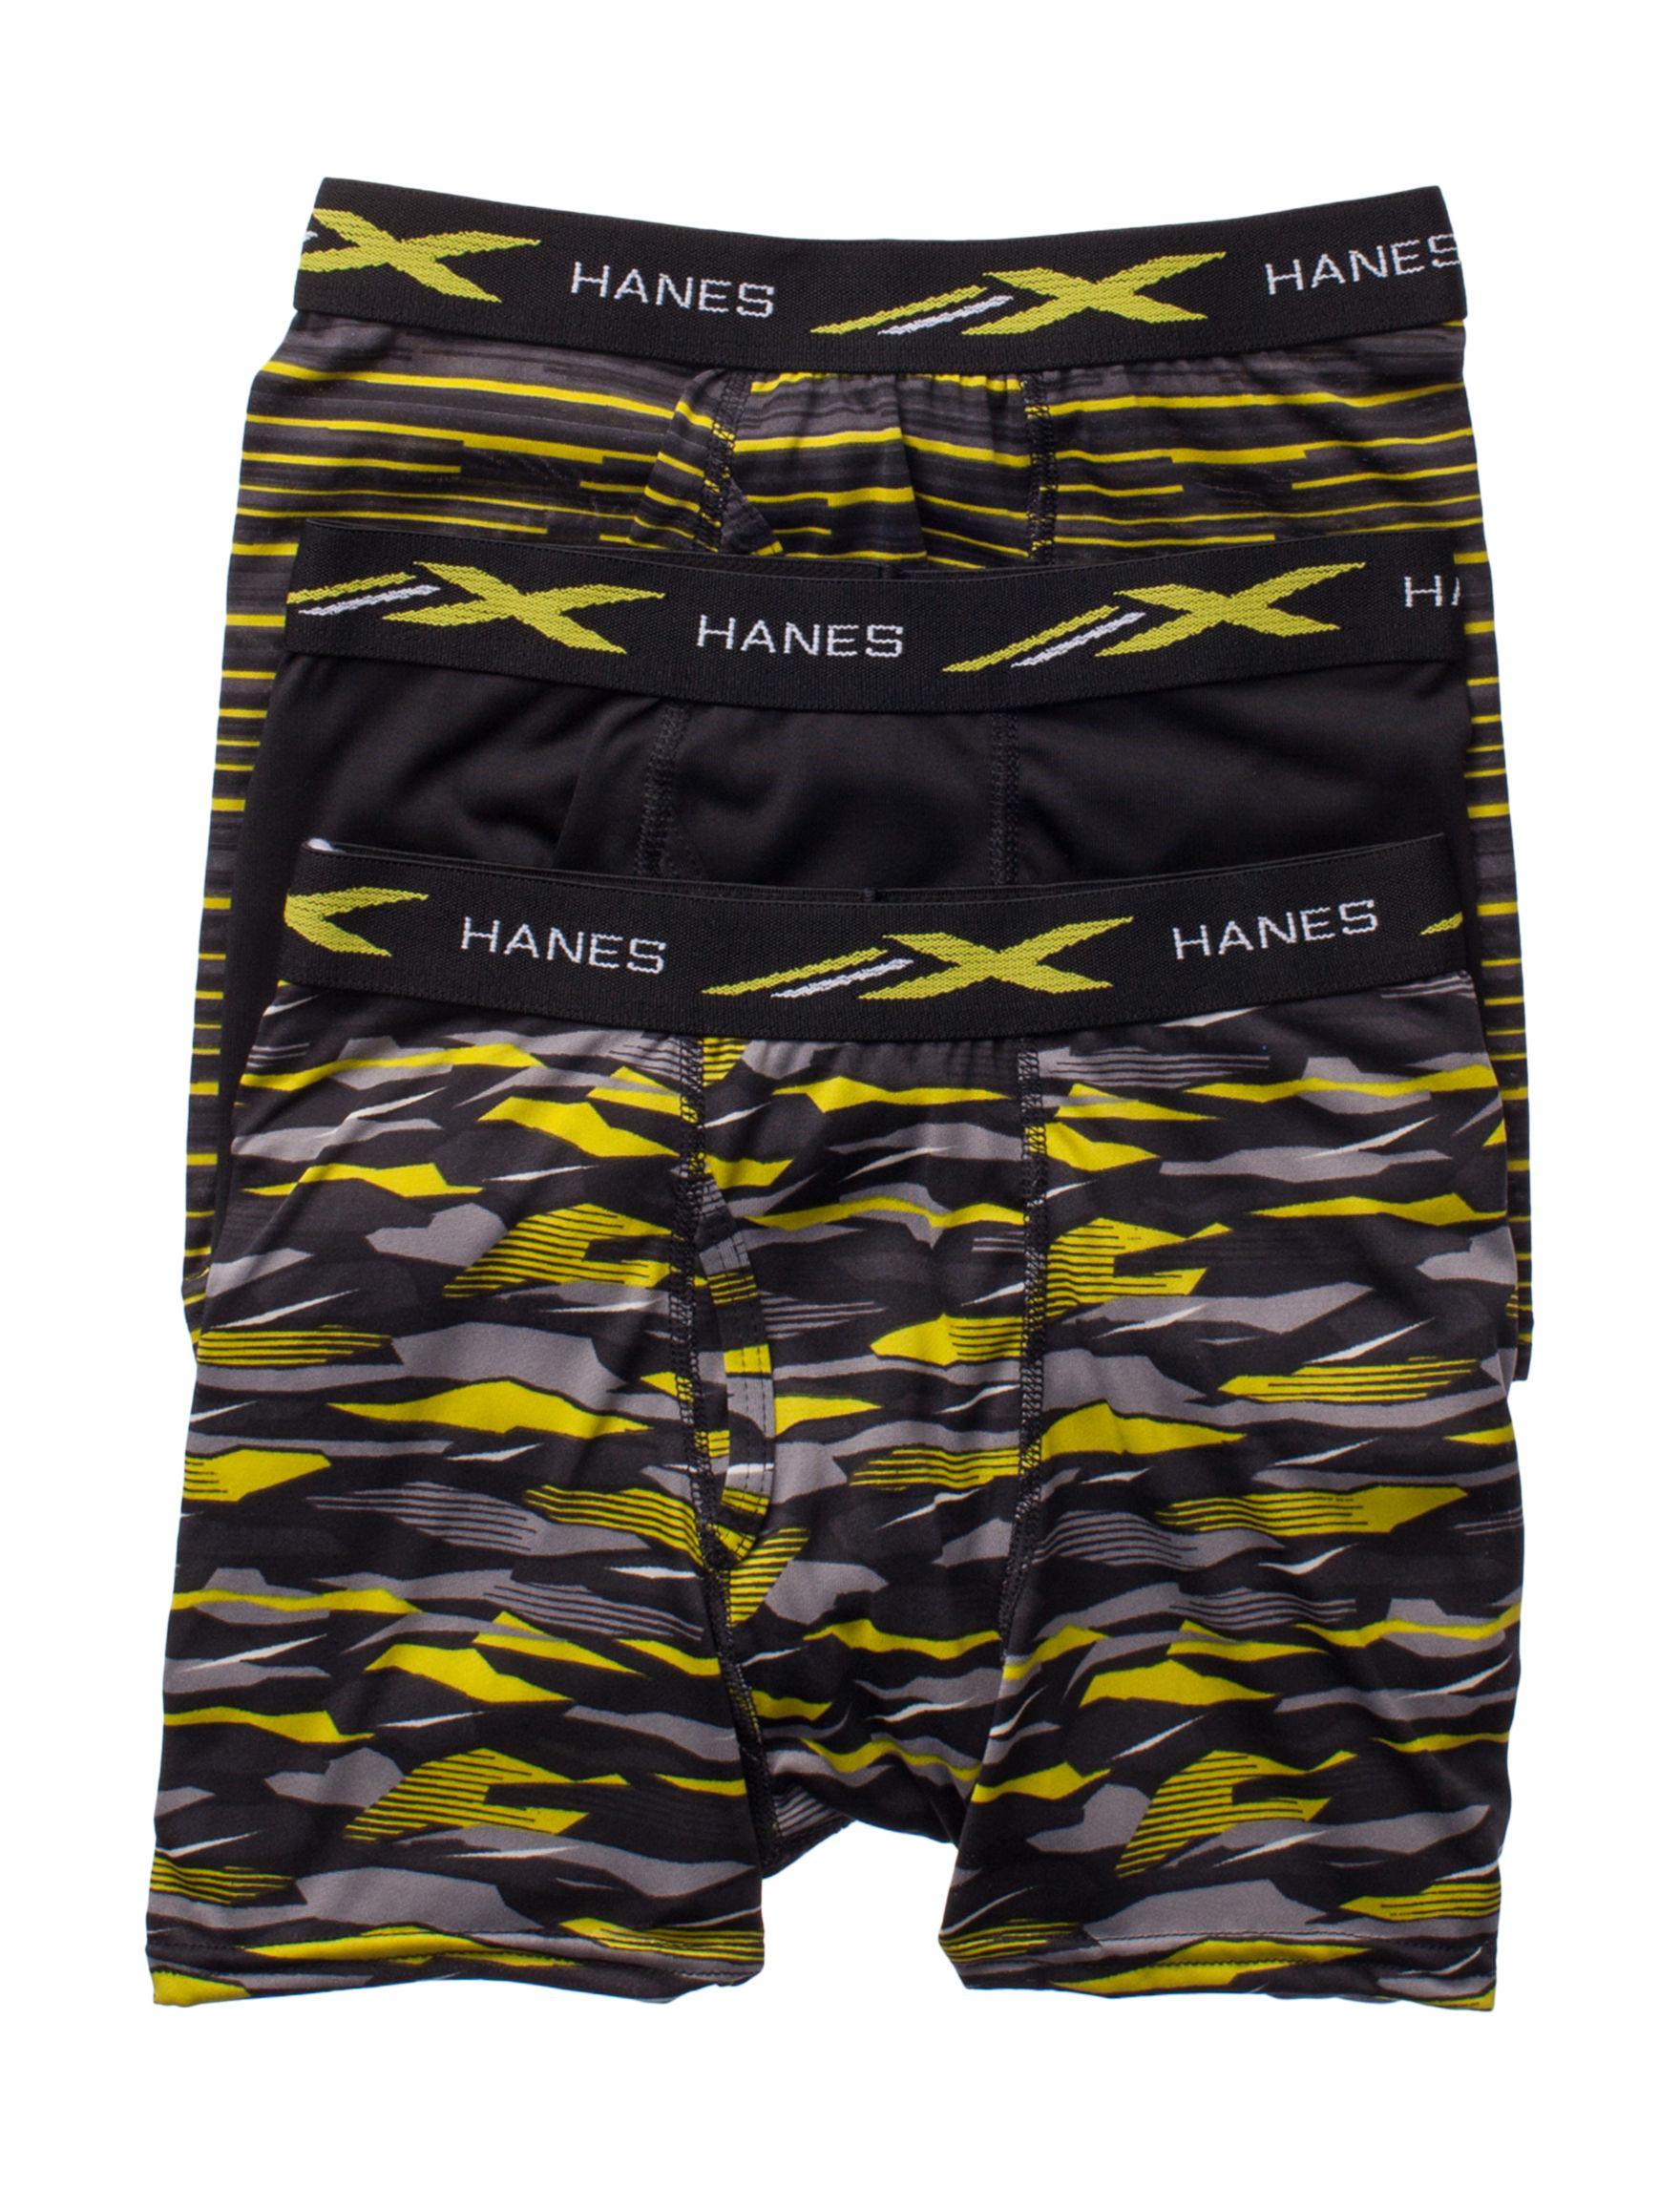 Hanes Navy / Green Boxer Briefs